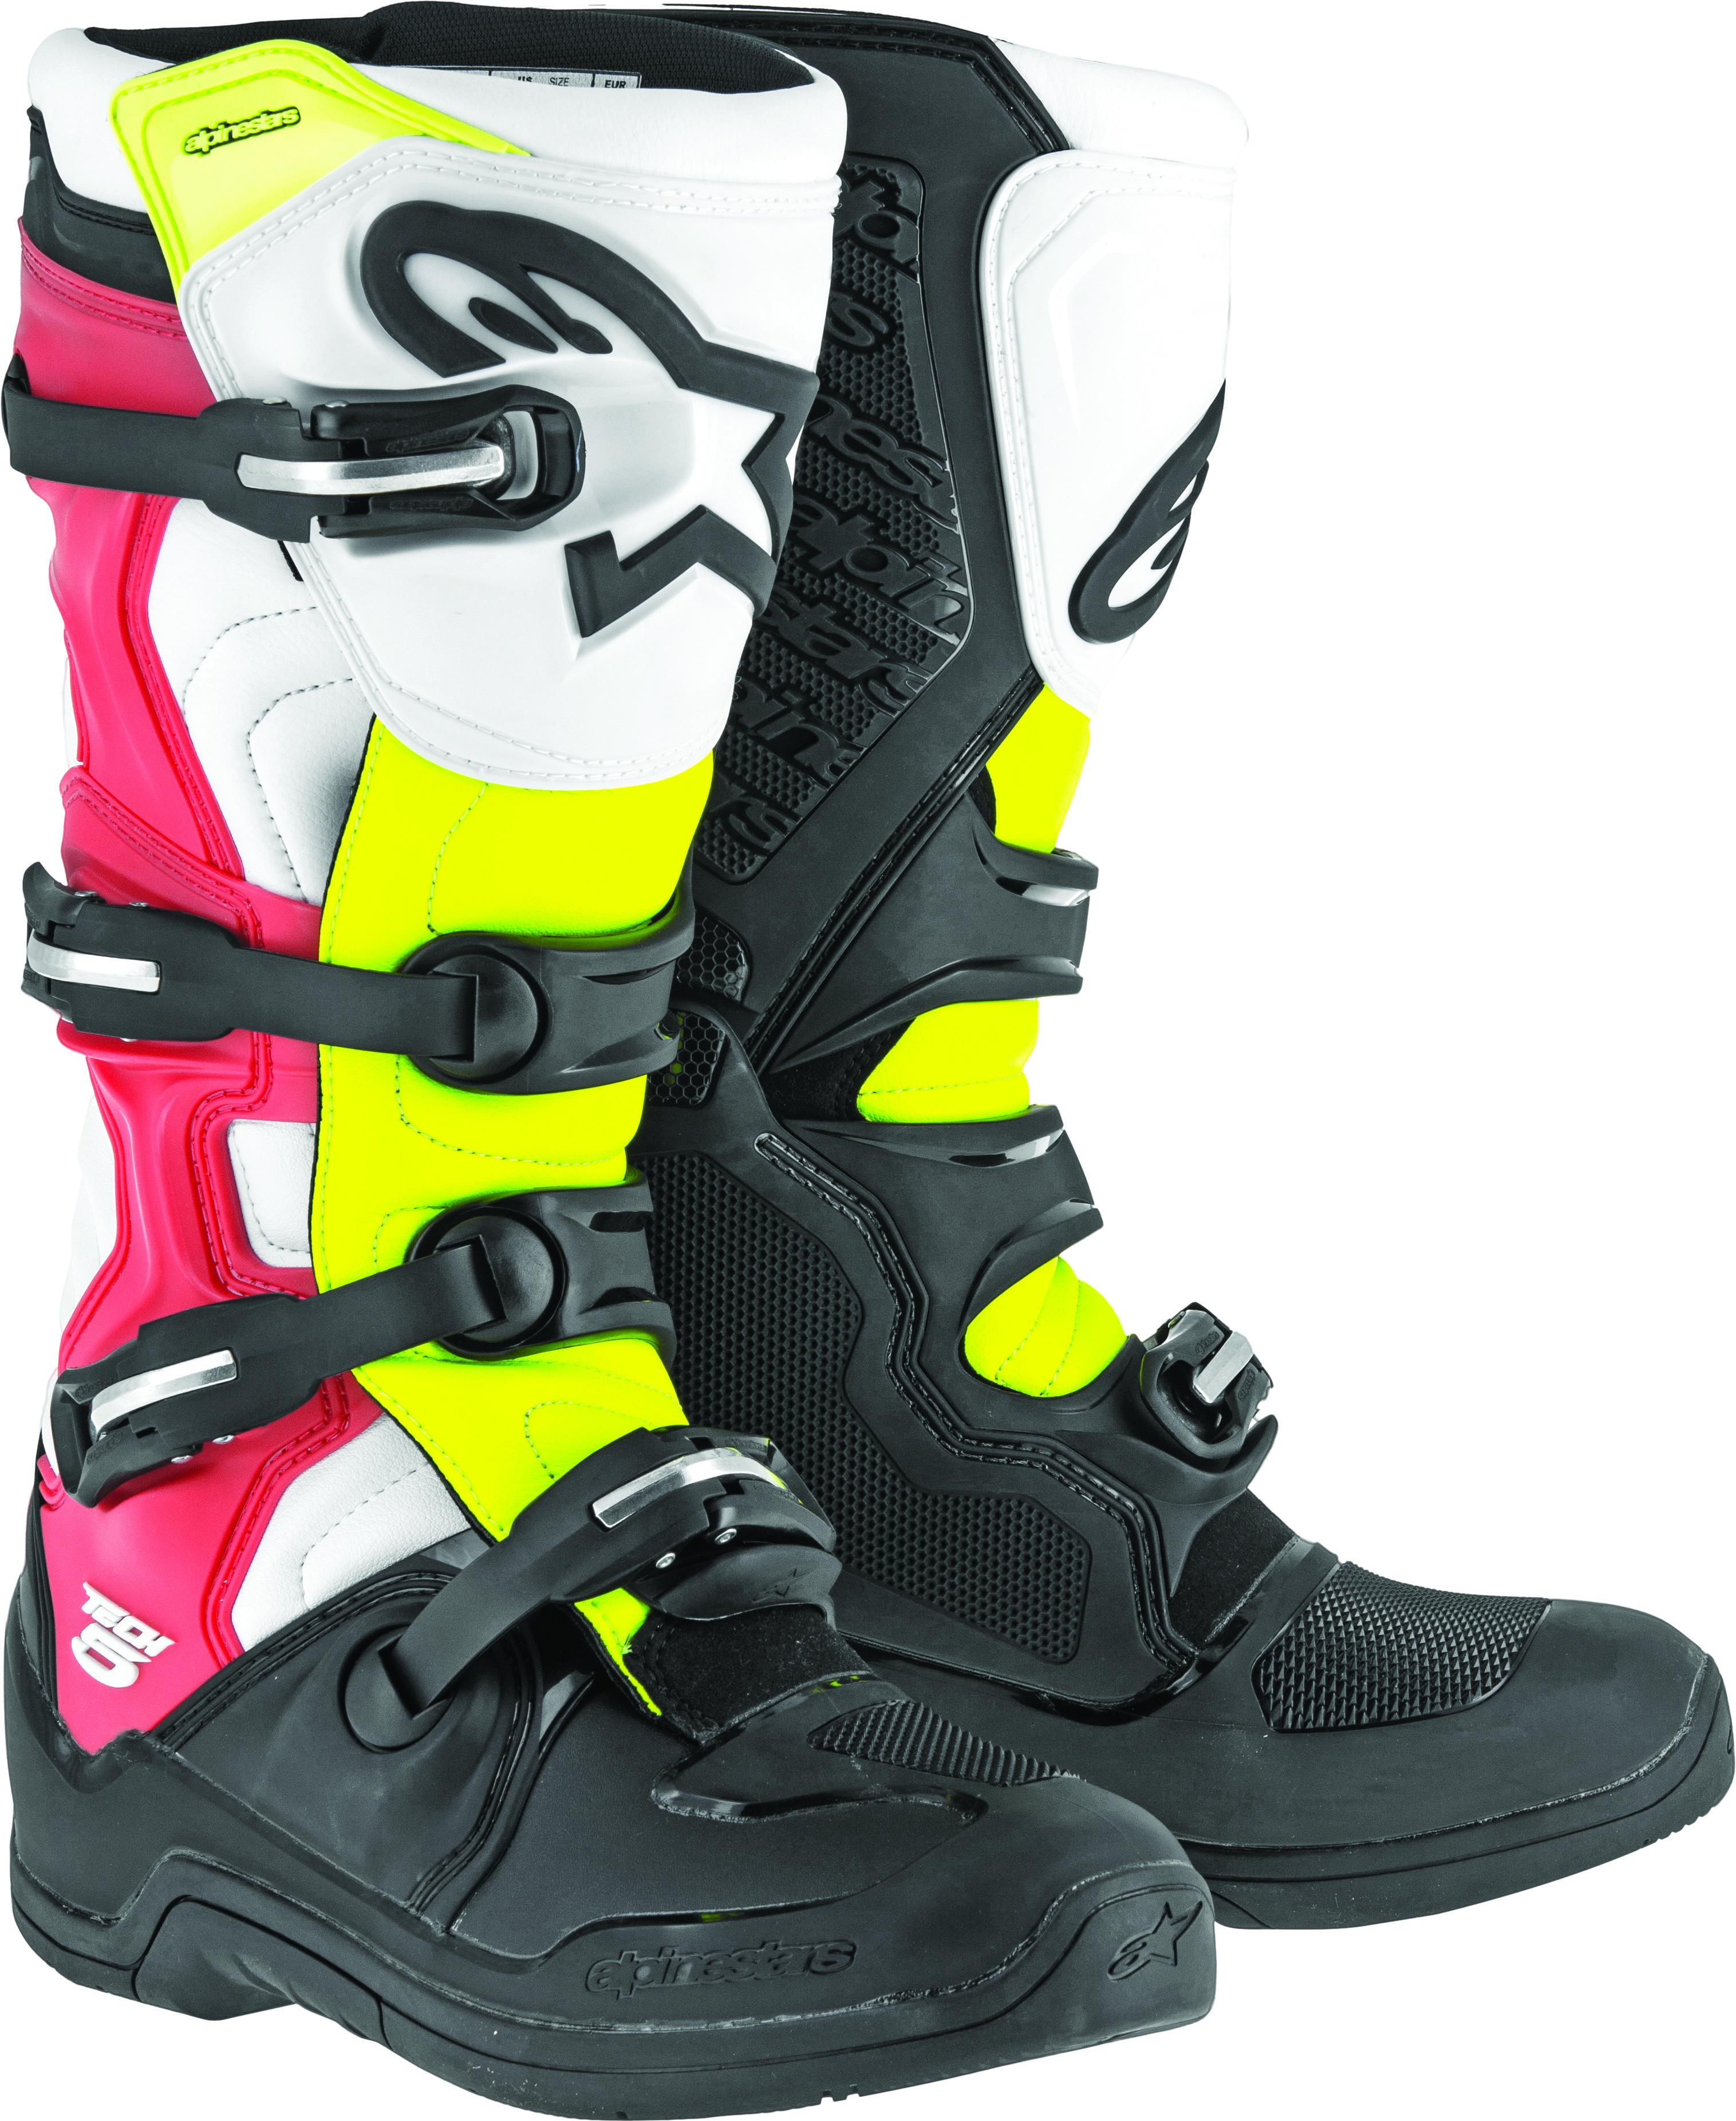 Tech 5 Boots Black/White/Red/Yellow Sz 10